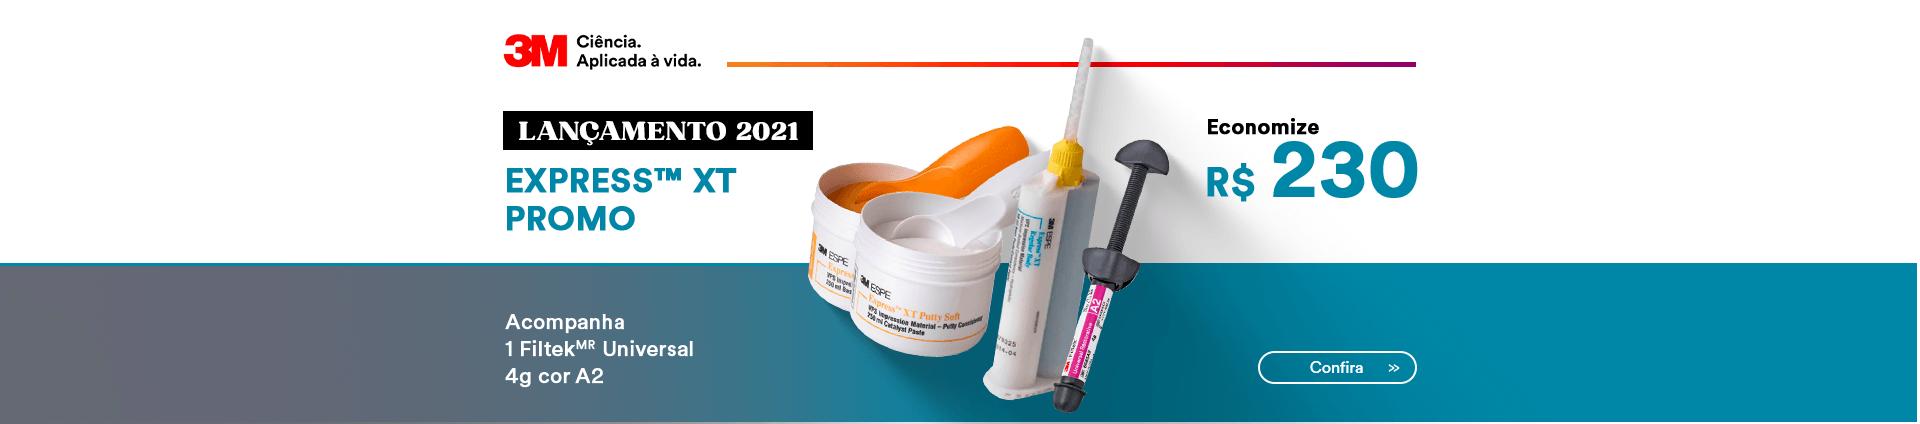 Kit Lançamento Silicone de Adição 3M com melhor preço | Dental Cremer